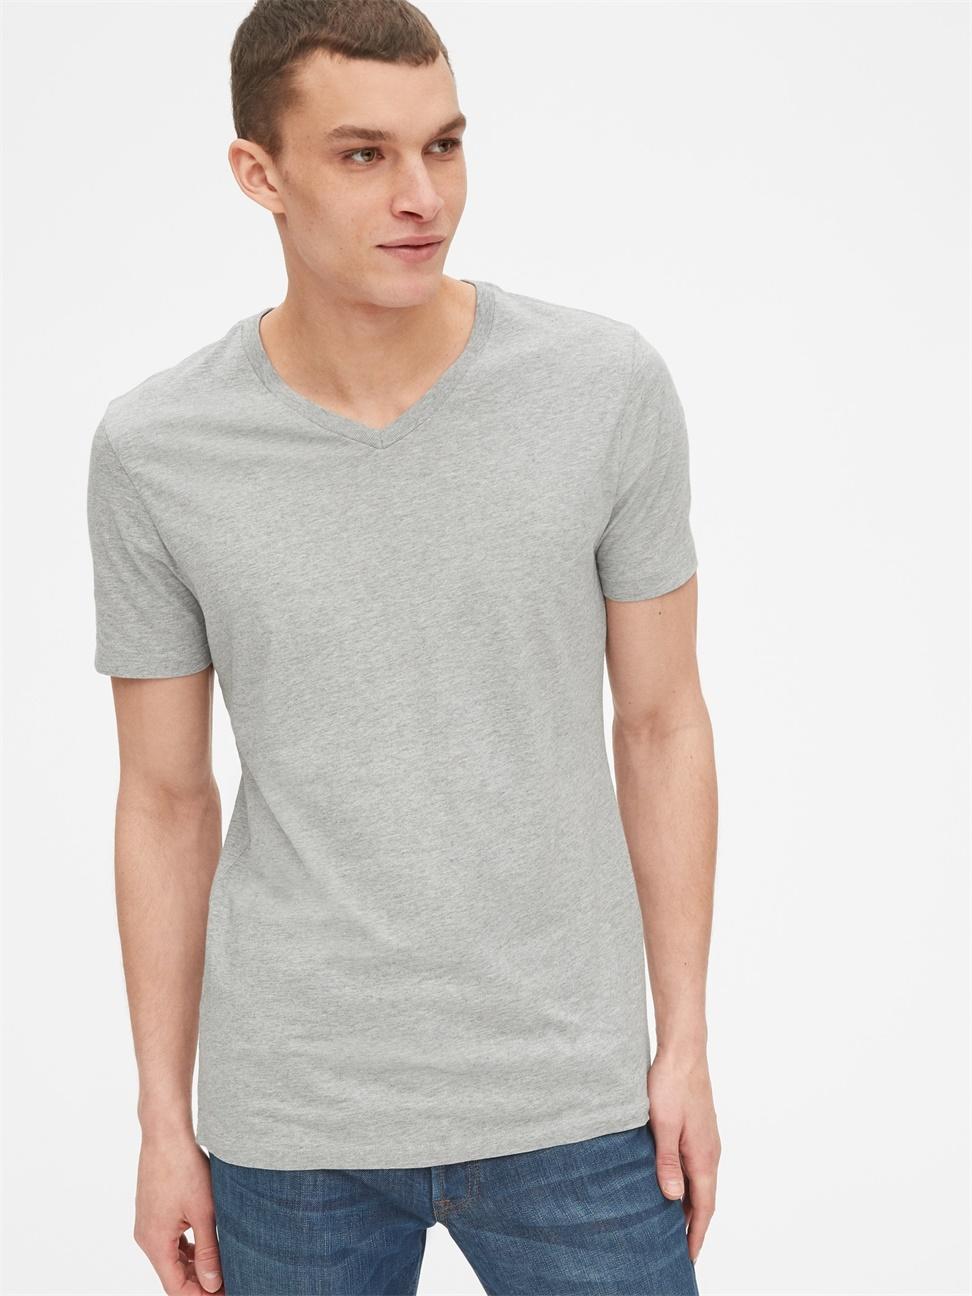 男裝 休閒直筒V領短袖T恤